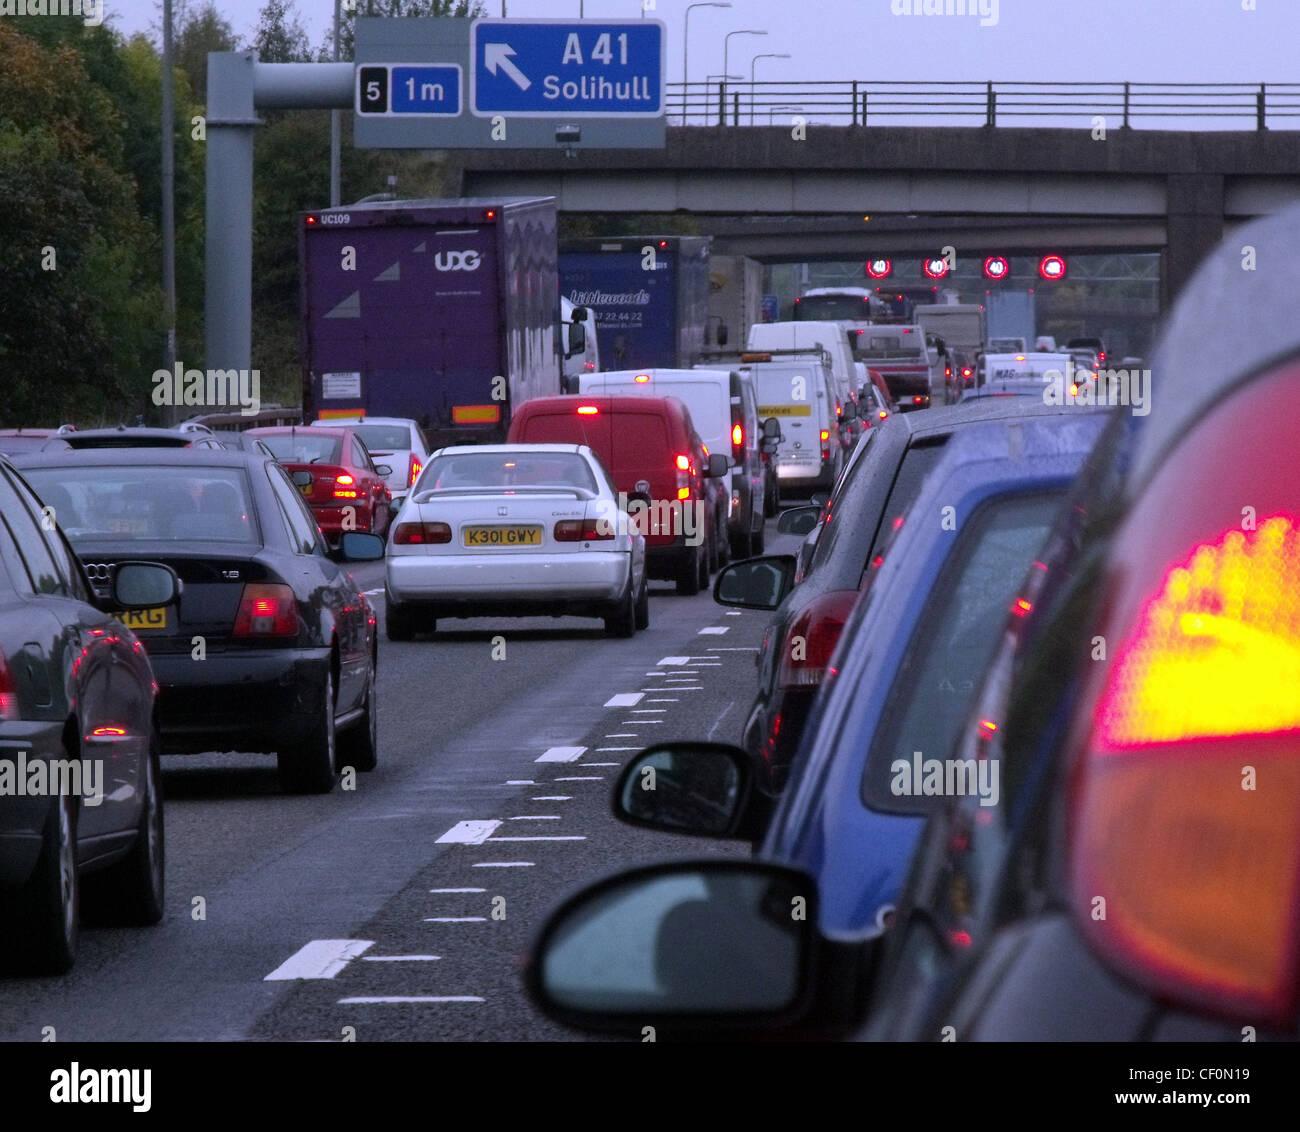 Laden Sie dieses Alamy Stockfoto Stockender Verkehr auf der Autobahn M42 in der Nähe von Solihull und Shirley, Birmingham, UK - CF0N19